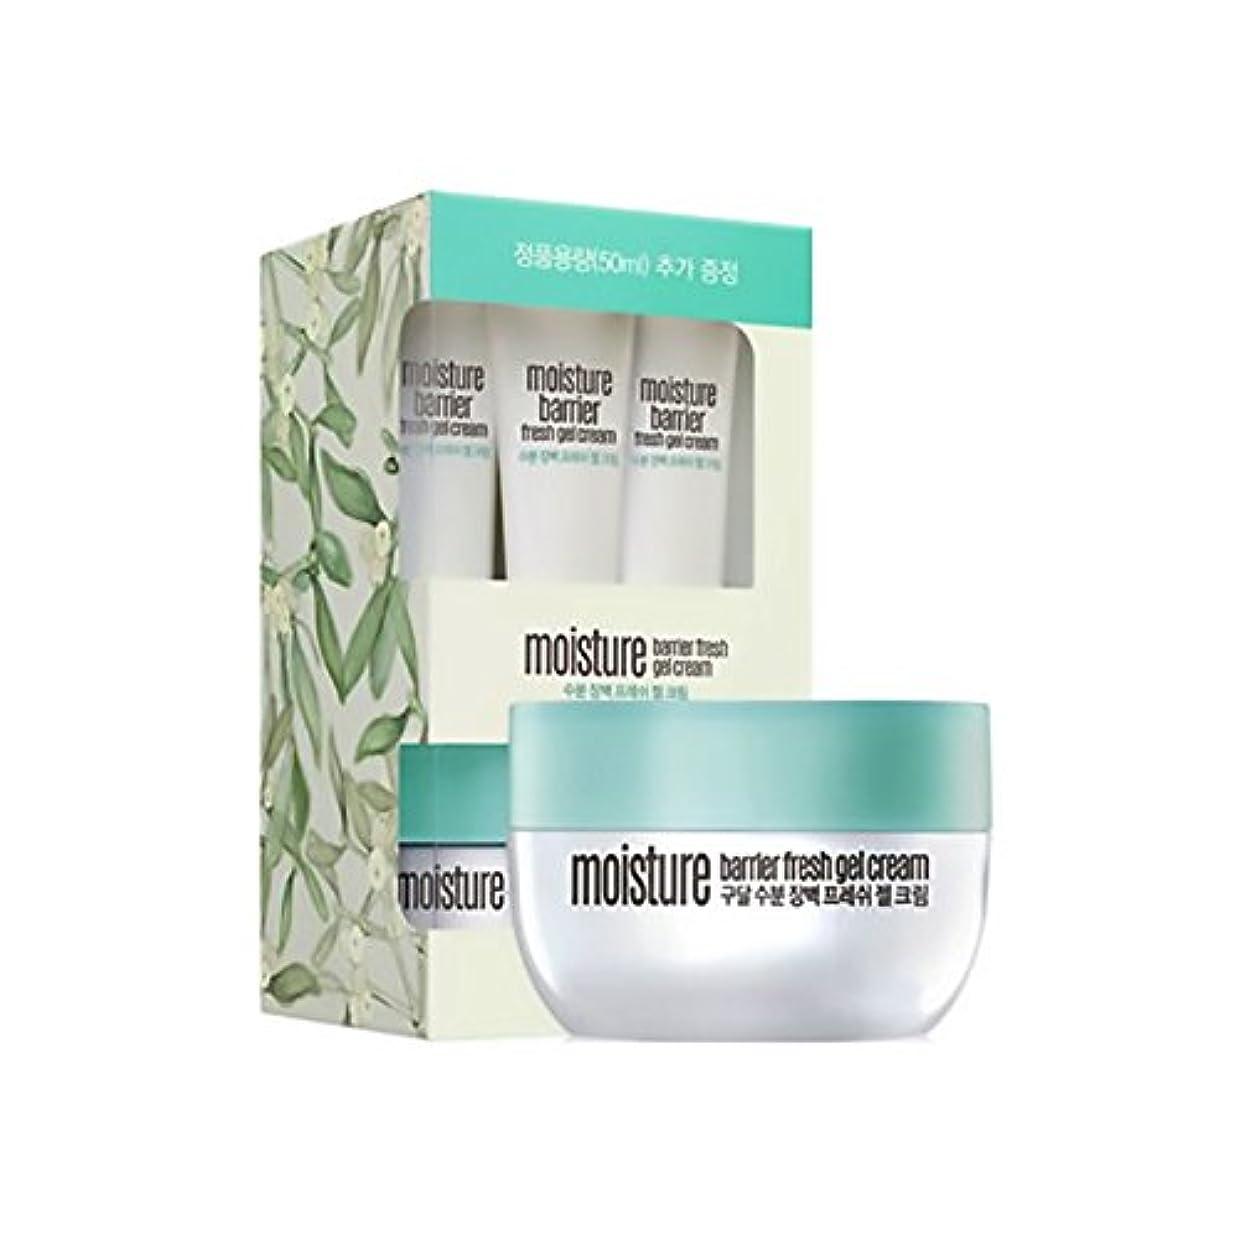 超える招待プライバシーgoodal moisture barrier fresh gel cream set